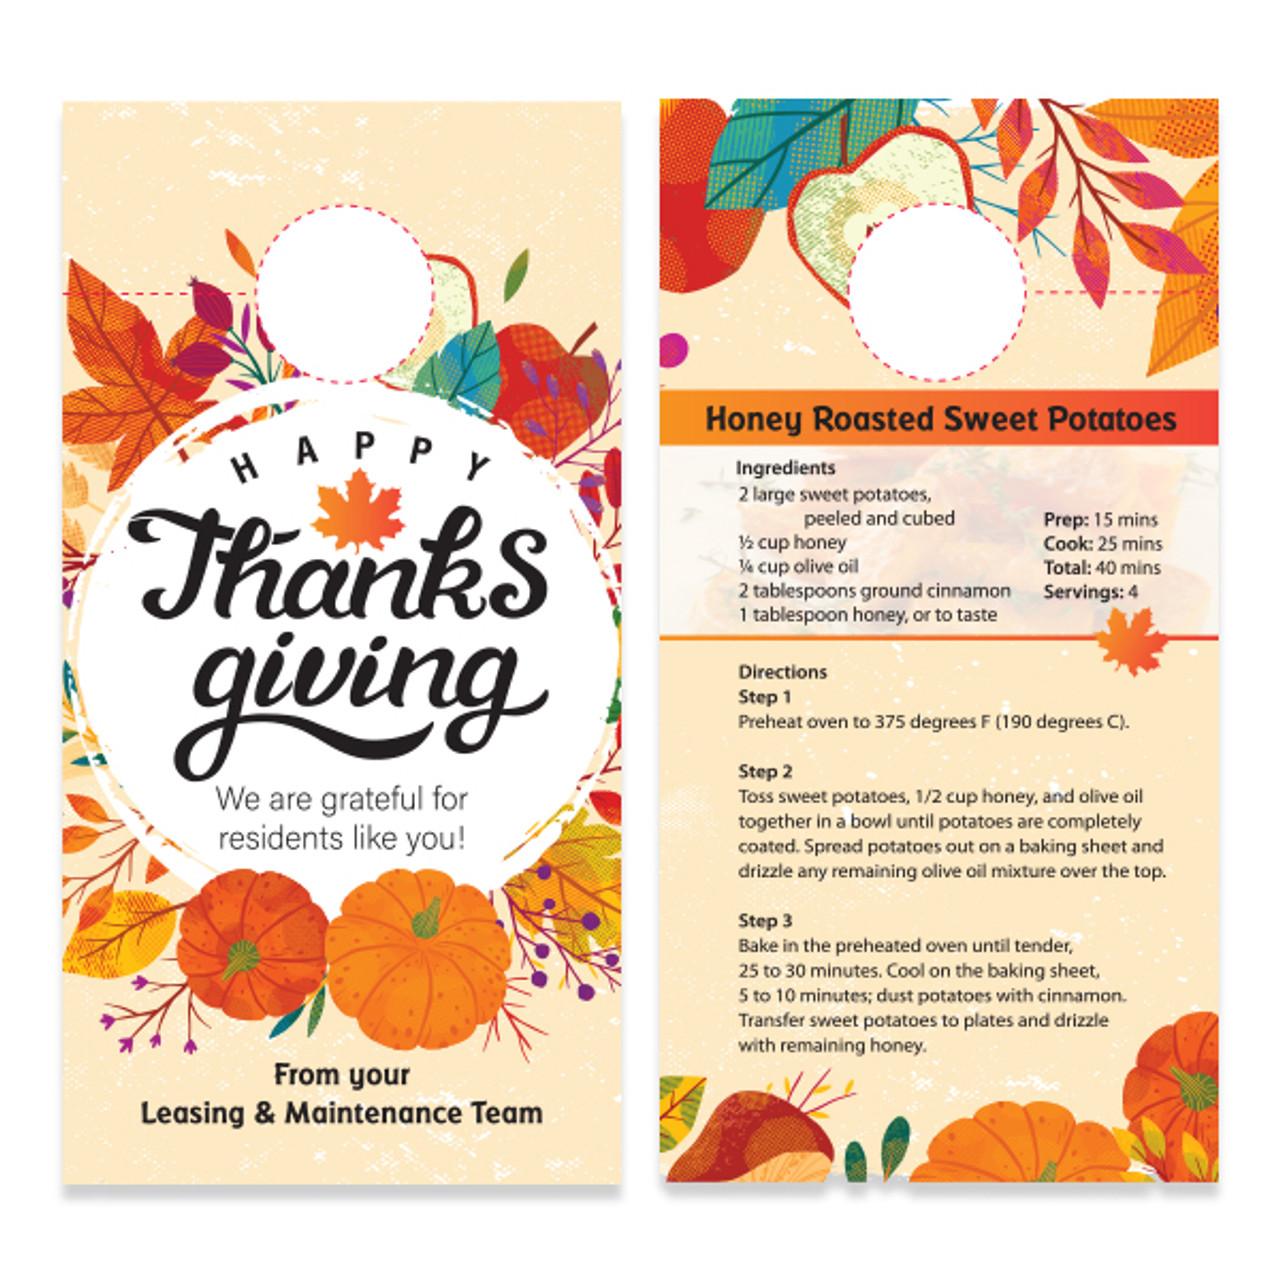 Happy Thanksgiving Doorhanger